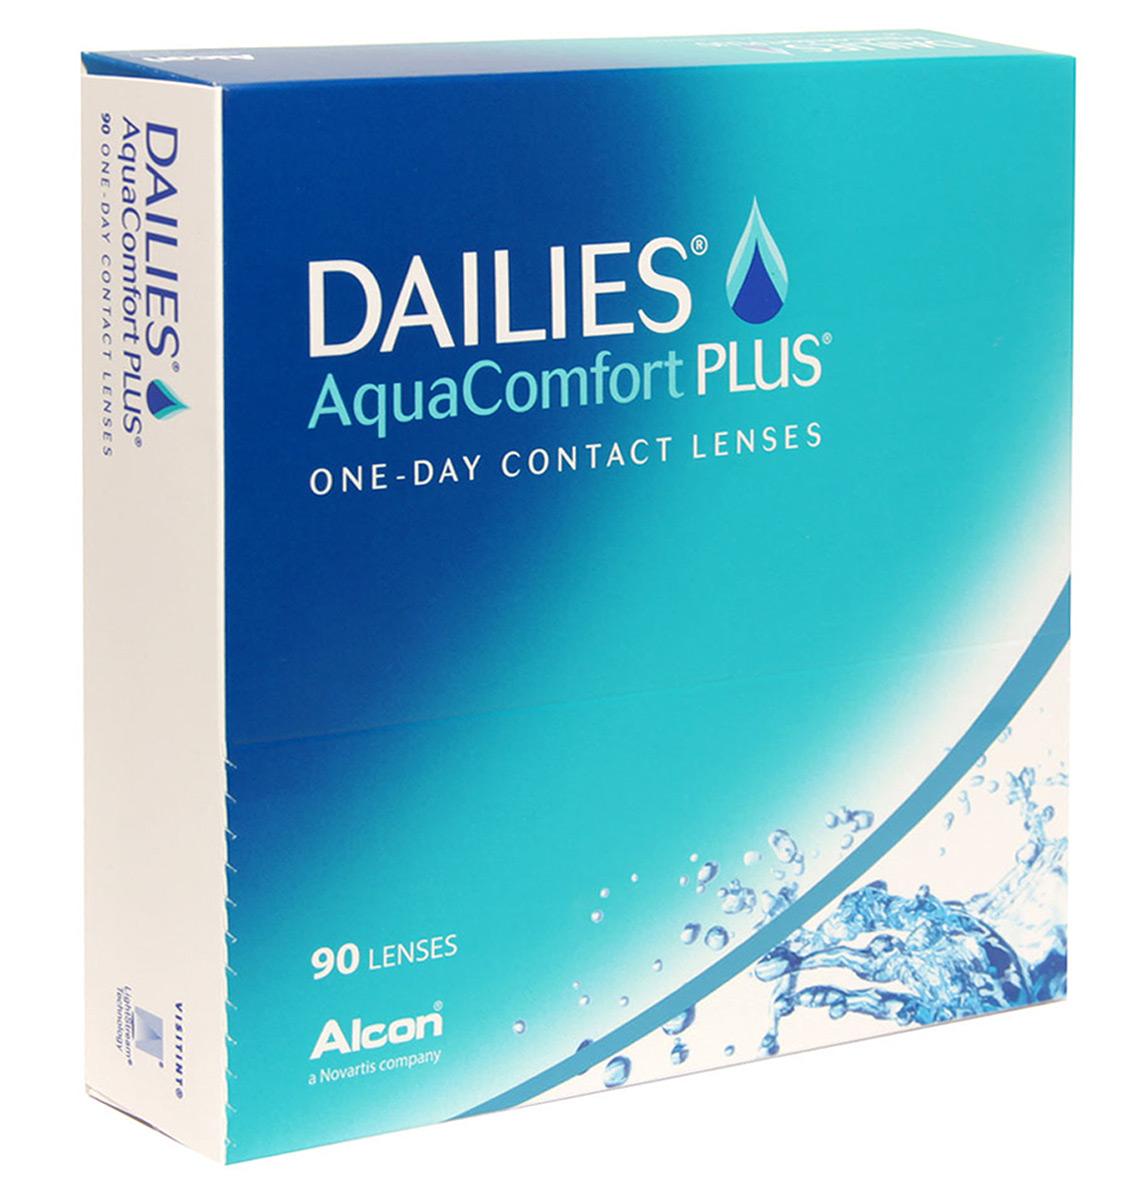 Alcon-CIBA Vision контактные линзы Dailies AquaComfort Plus (90шт / 8.7 / 14.0 / -1.00)38368Dailies AquaComfort Plus - это одни из самых популярных однодневных линз производства компании Ciba Vision. Эти линзы пользуются огромной популярностью во всем мире и являются на сегодняшний день самыми безопасными контактными линзами. Изготавливаются линзы из современного, 100% безопасного материала нелфилкон А. Особенность этого материала в том, что он легко пропускает воздух и хорошо сохраняет влагу. Однодневные контактные линзы Dailies AquaComfort Plus не нуждаются в дополнительном уходе и затратах, каждый день вы надеваете свежую пару линз. Дизайн линзы биосовместимый, что гарантирует безупречный комфорт. Самое главное достоинство Dailies AquaComfort Plus - это их уникальная система увлажнения. Благодаря этой разработке линзы увлажняются тремя различными агентами. Первый компонент, ухаживающий за линзами, находится в растворе, он как бы обволакивает линзу, обеспечивая чрезвычайно комфортное надевание. Второй агент выделяется на протяжении всего дня, он непрерывно смачивает линзы. Третий - увлажняющий агент, выделяется во время моргания, благодаря ему поддерживается постоянный комфорт. Также линзы имеют УФ-фильтр, который будет заботиться о ваших глазах. Dailies AquaComfort Plus - одни из лучших линз в своей категории. Всемирно известная компания Ciba Vision, создавая эти контактные линзы, попыталась учесть все потребности пациентов и ей это удалось! Характеристики:Материал: нелфилкон А. Кривизна: 8.7. Оптическая сила: - 1.00. Содержание воды: 69%. Диаметр: 14,0 мм. Количество линз: 90 шт. Размер упаковки: 15 см х 5 см х 3 см. Производитель: США. Товар сертифицирован.Контактные линзы или очки: советы офтальмологов. Статья OZON Гид